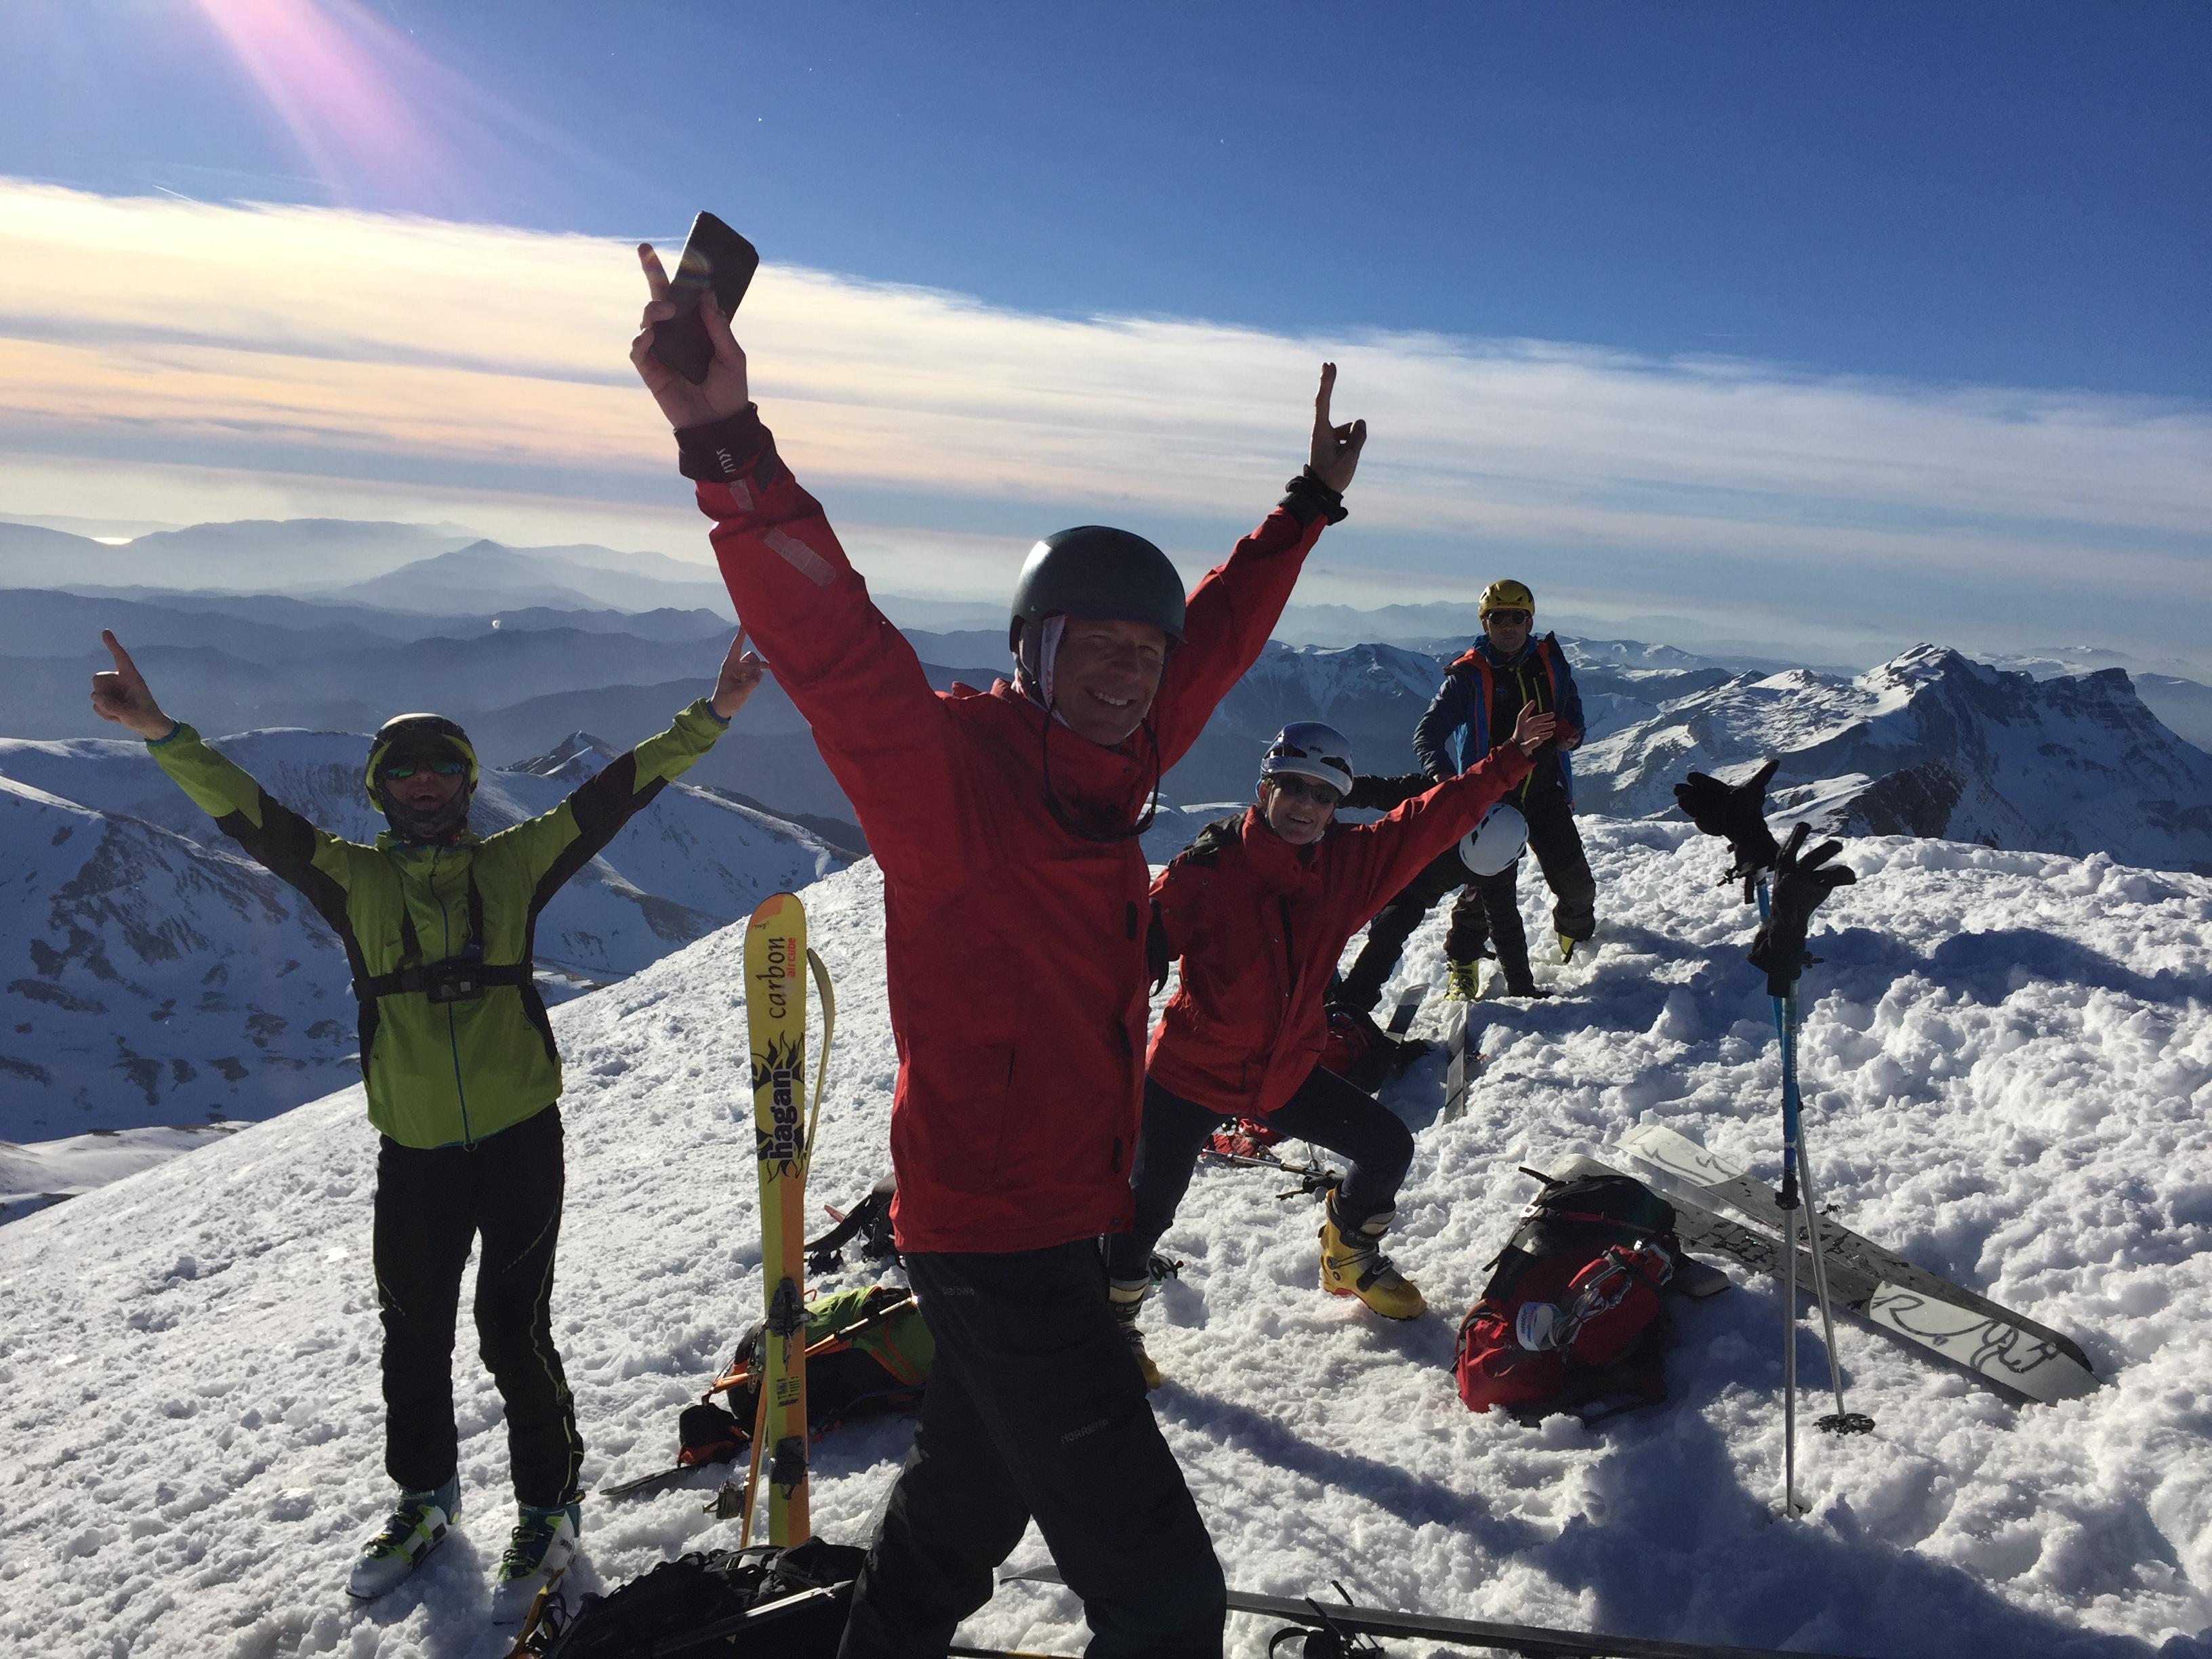 Robert, Adolfo, Santi (agachado) y Sherpaco, disfrutando con júbilo de la cumbre